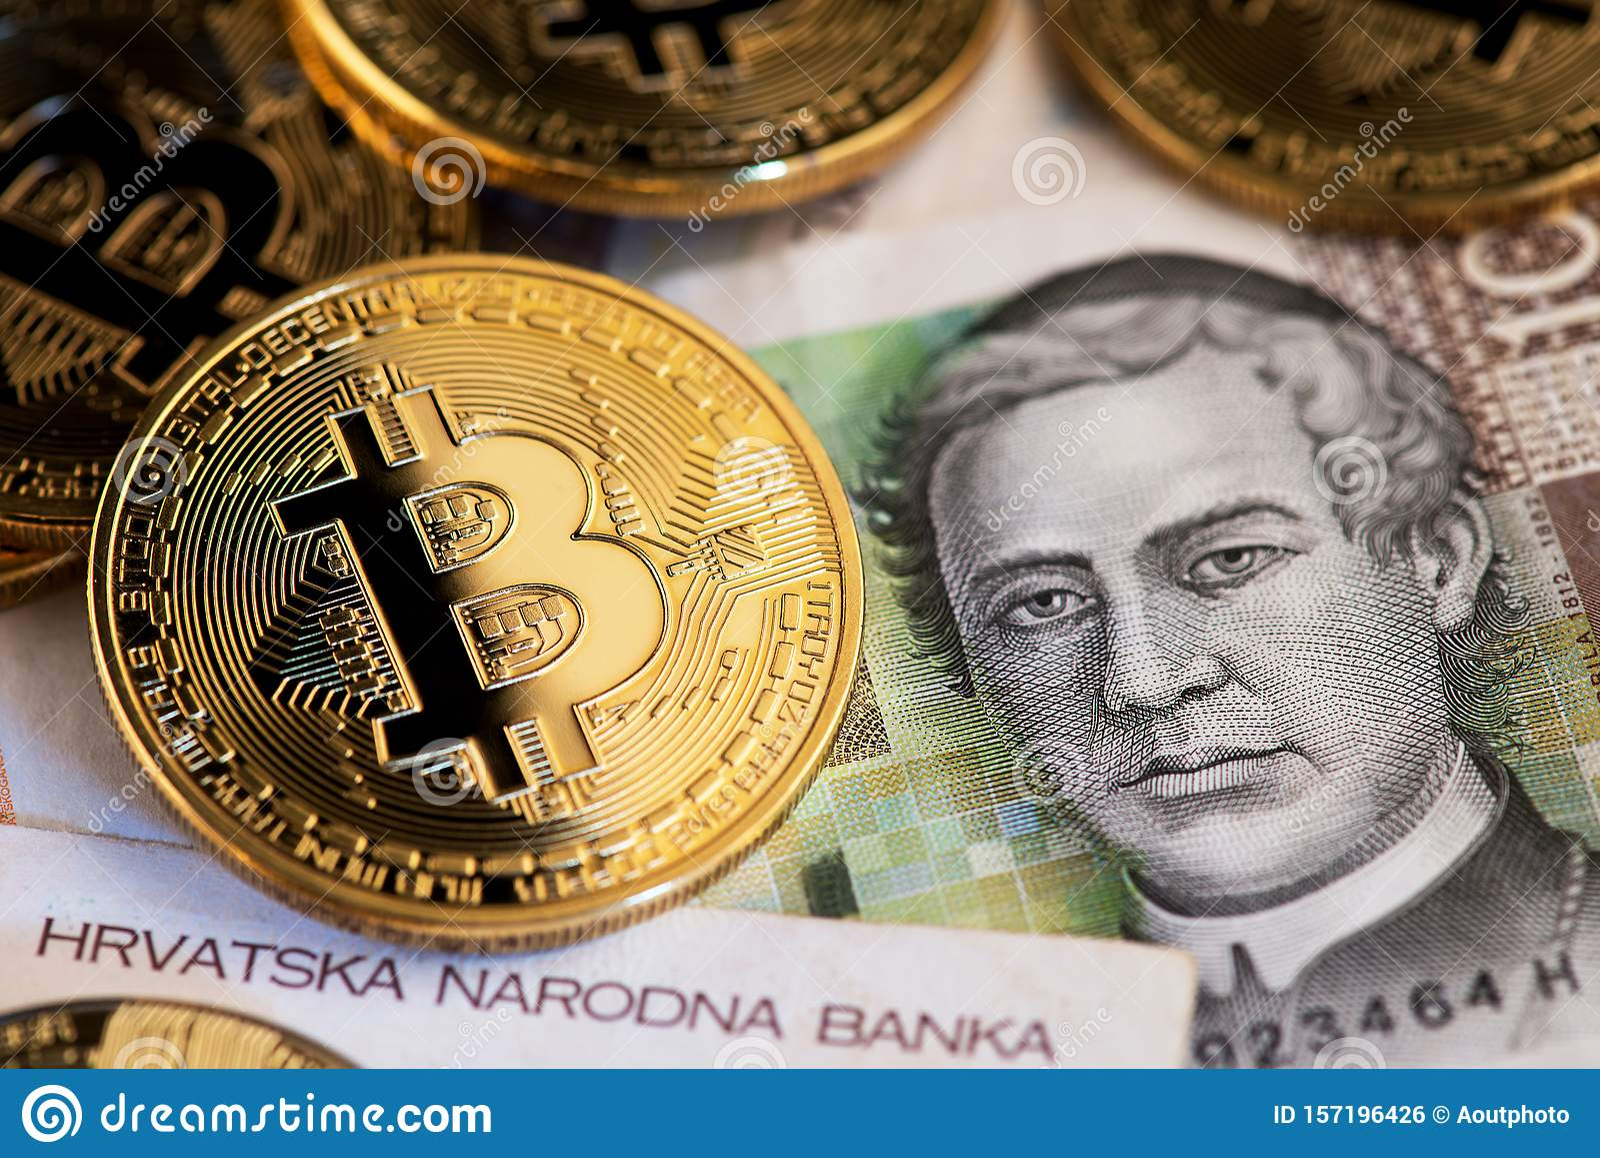 Il lockdown spinge la criptovaluta, banca italiana apre al Bitcoin